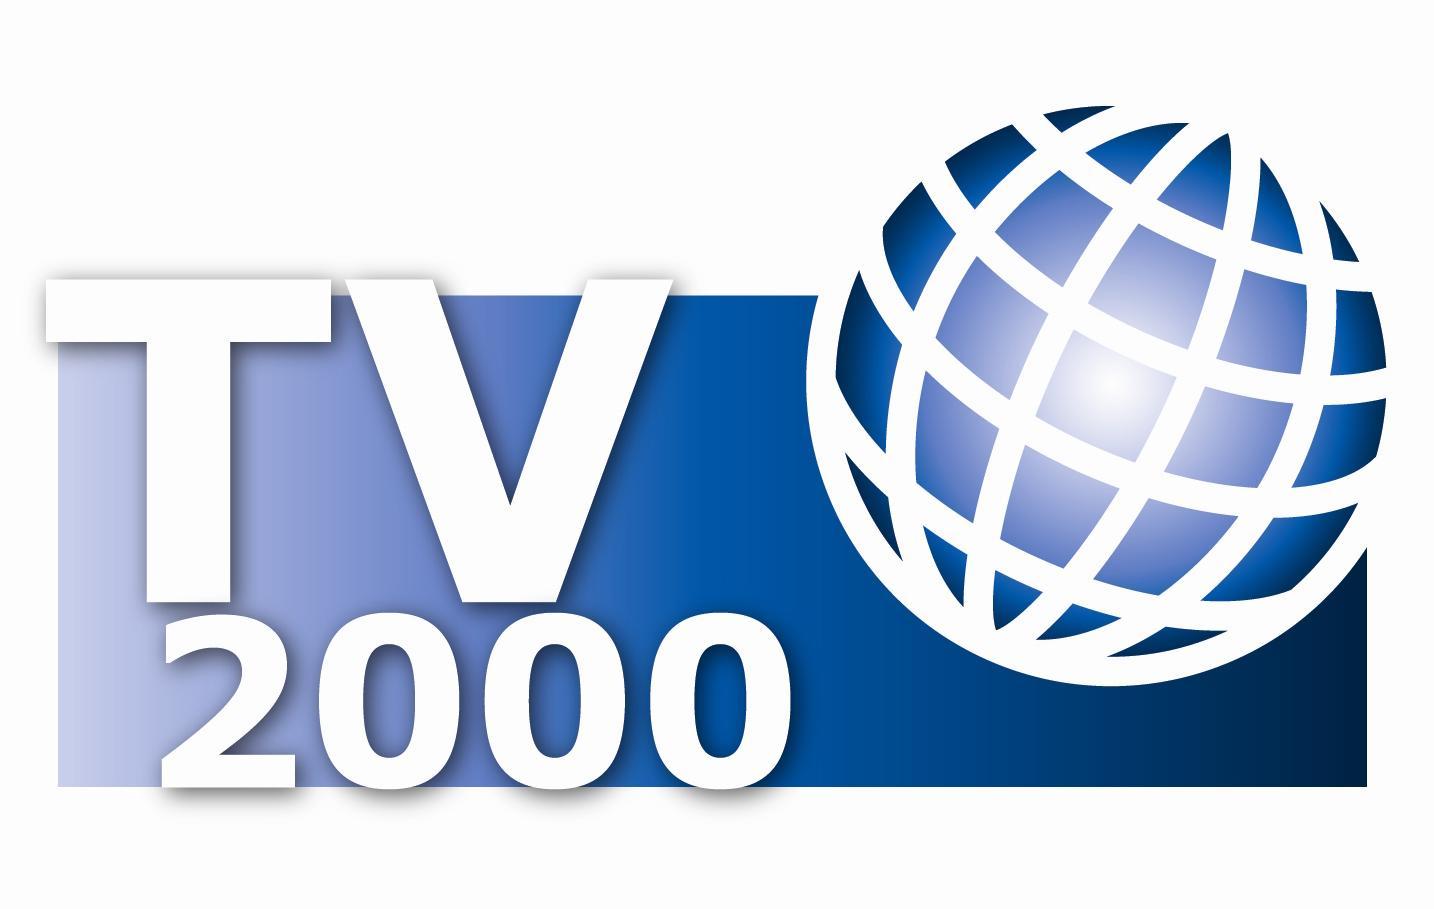 TV 2000: da Gennaio arriva la pubblicità | Digitale terrestre: Dtti.it